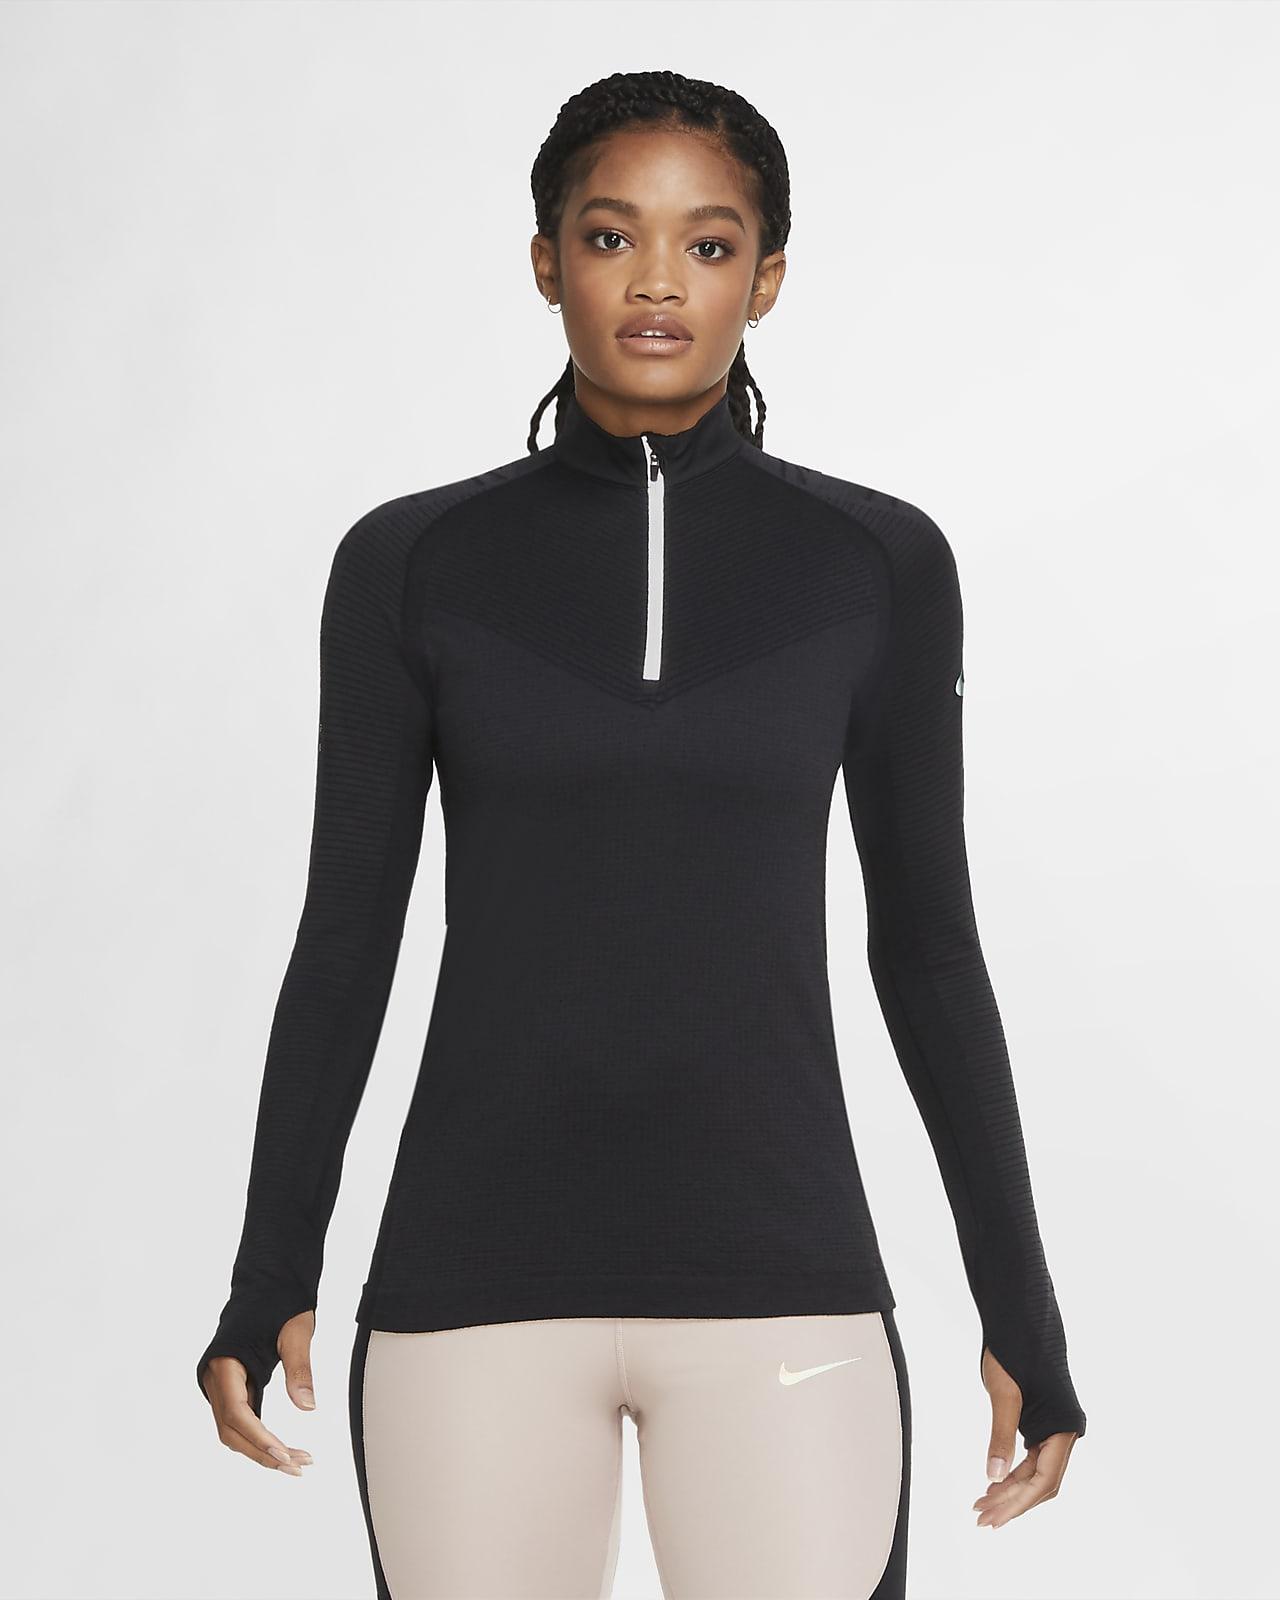 Löpartröja i ull med halv dragkedja Nike Run Division för kvinnor